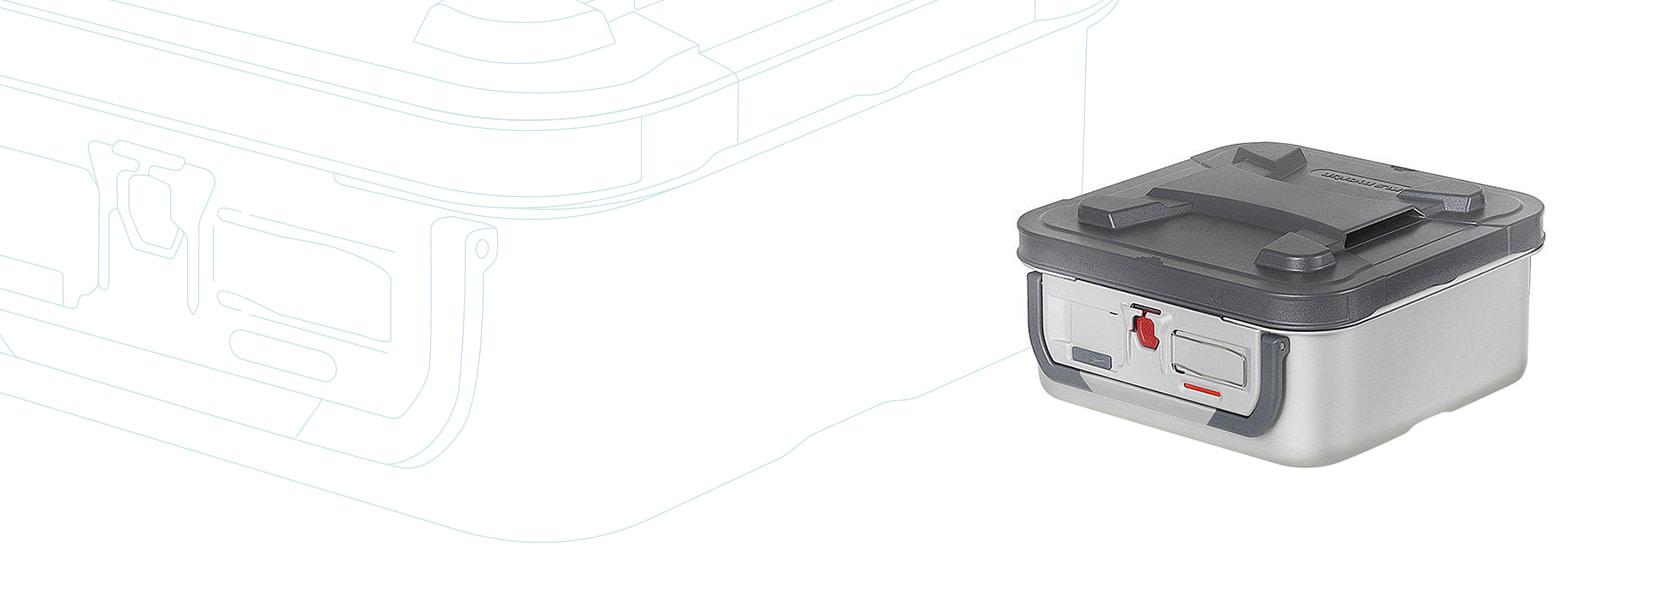 Продажа контейнеров для стерилизации от немецкого производителя KLS Martin